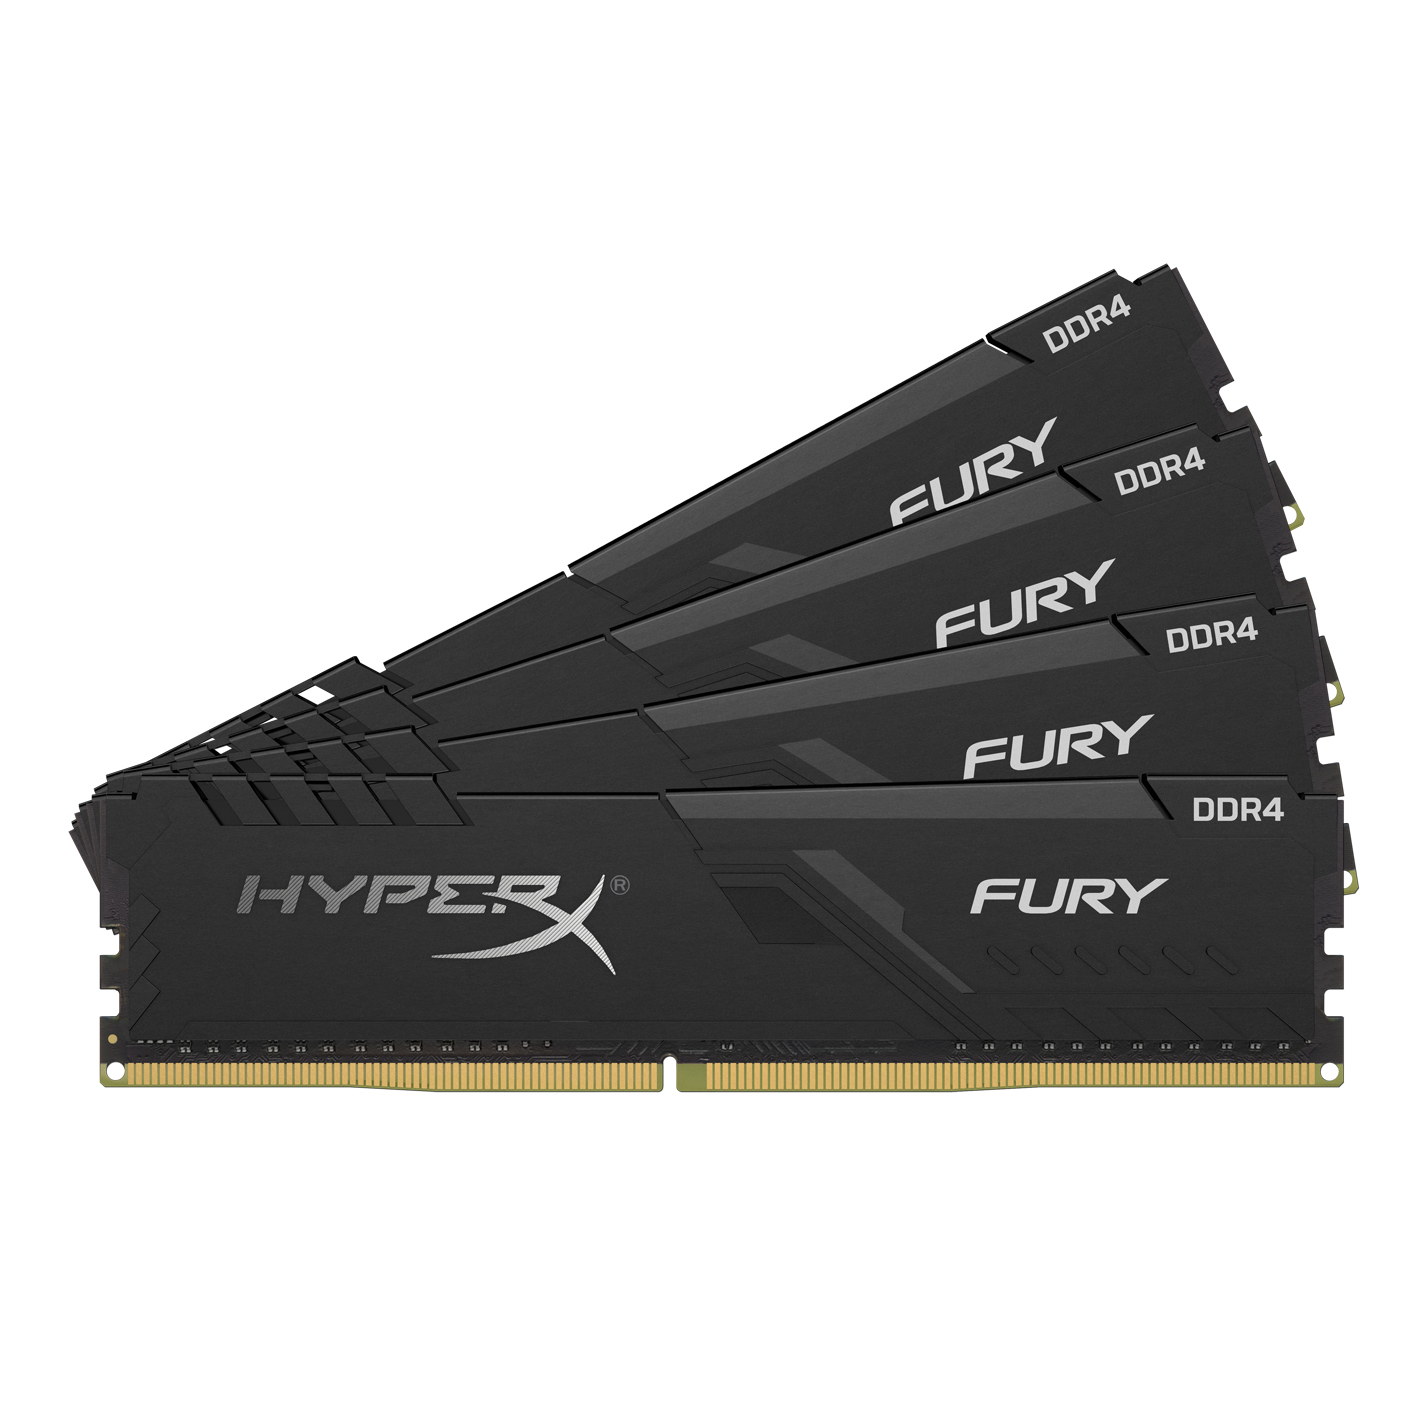 HyperX FURY HX430C15FB3K4/64 memory module 64 GB DDR4 3000 MHz